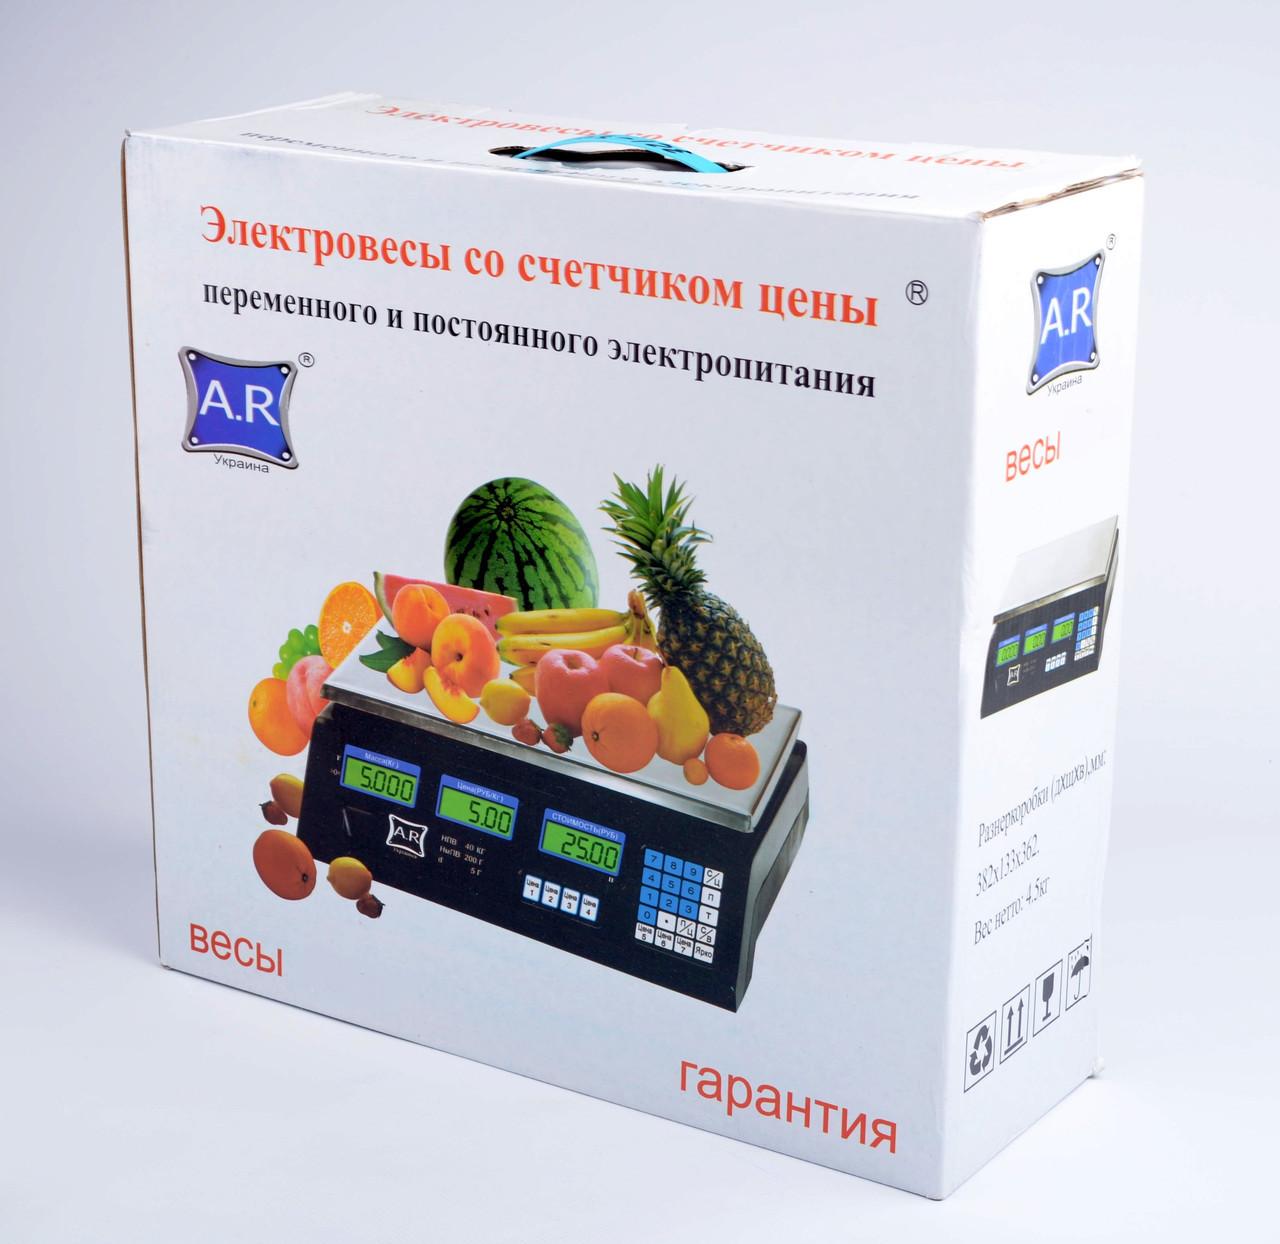 Весы торговые электронные AR Украина на 50 кг 4V